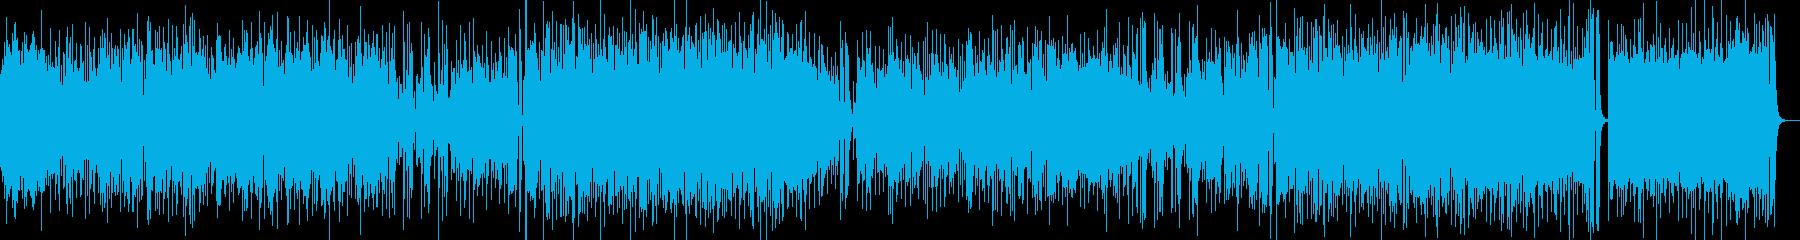 ボサノバスタイルのラテンフュージョンの再生済みの波形